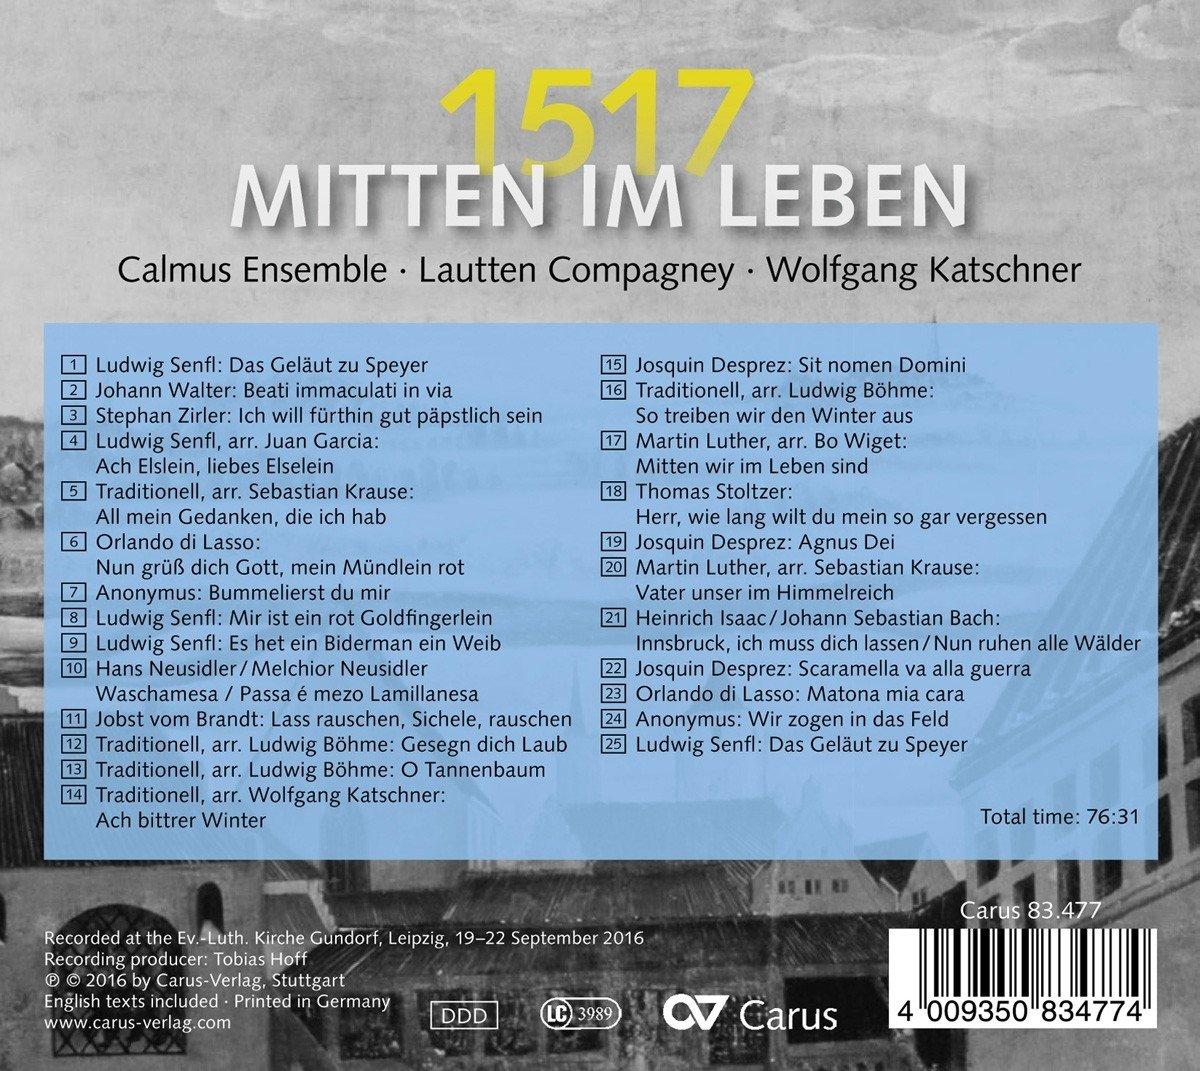 Mitten Im Leben 1517 500 Jahre Reformation Calmus Ensemble